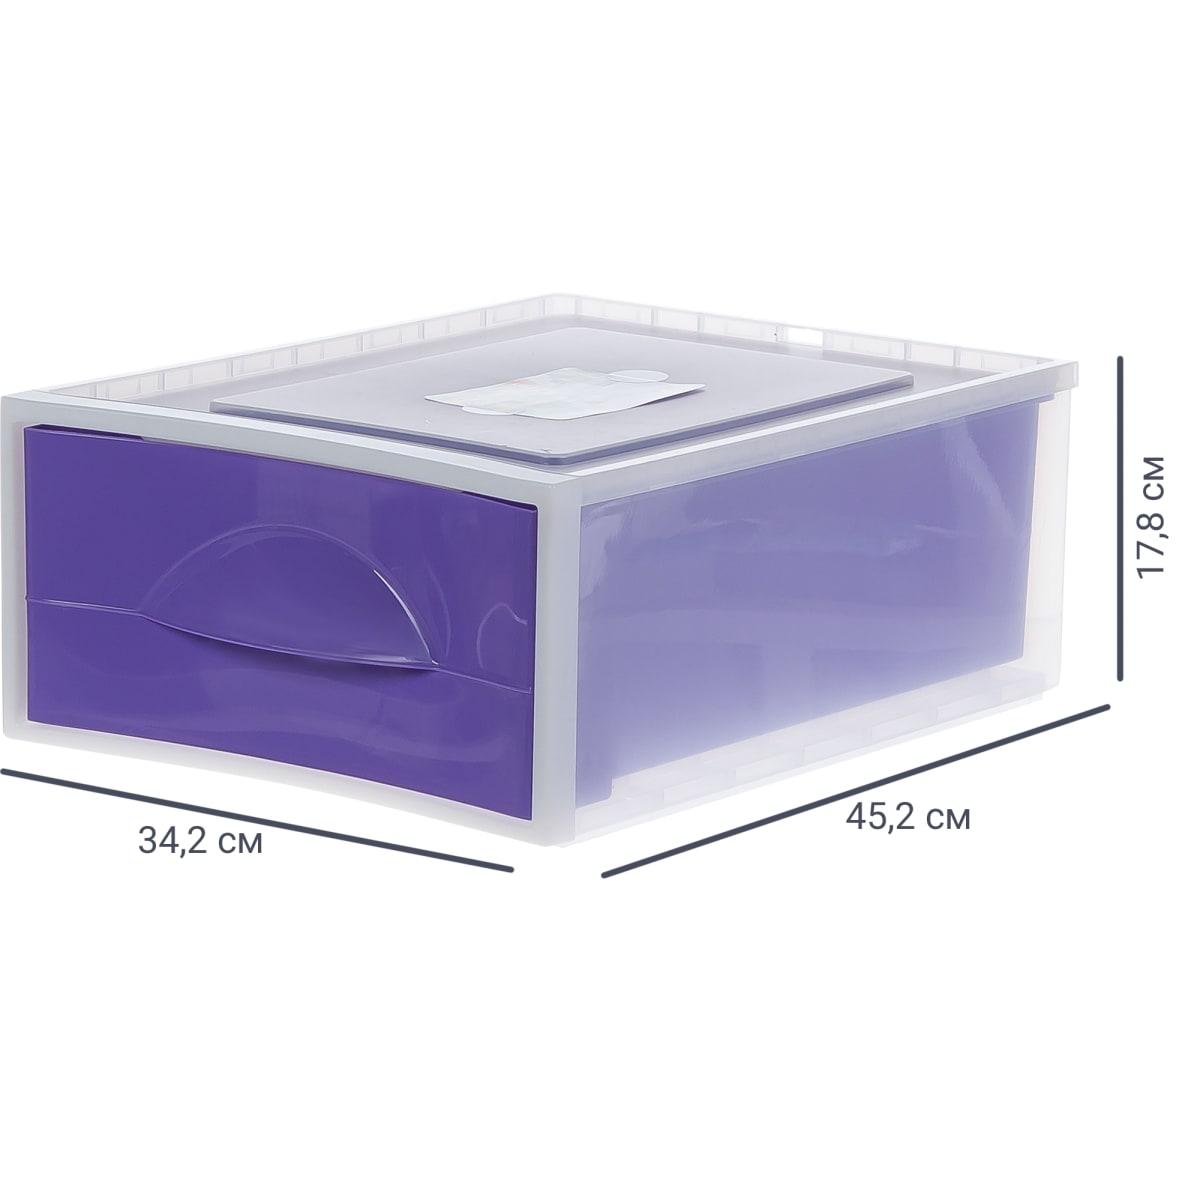 Система хранения Мобиле 475x342x178 мм цвет фиолетовый